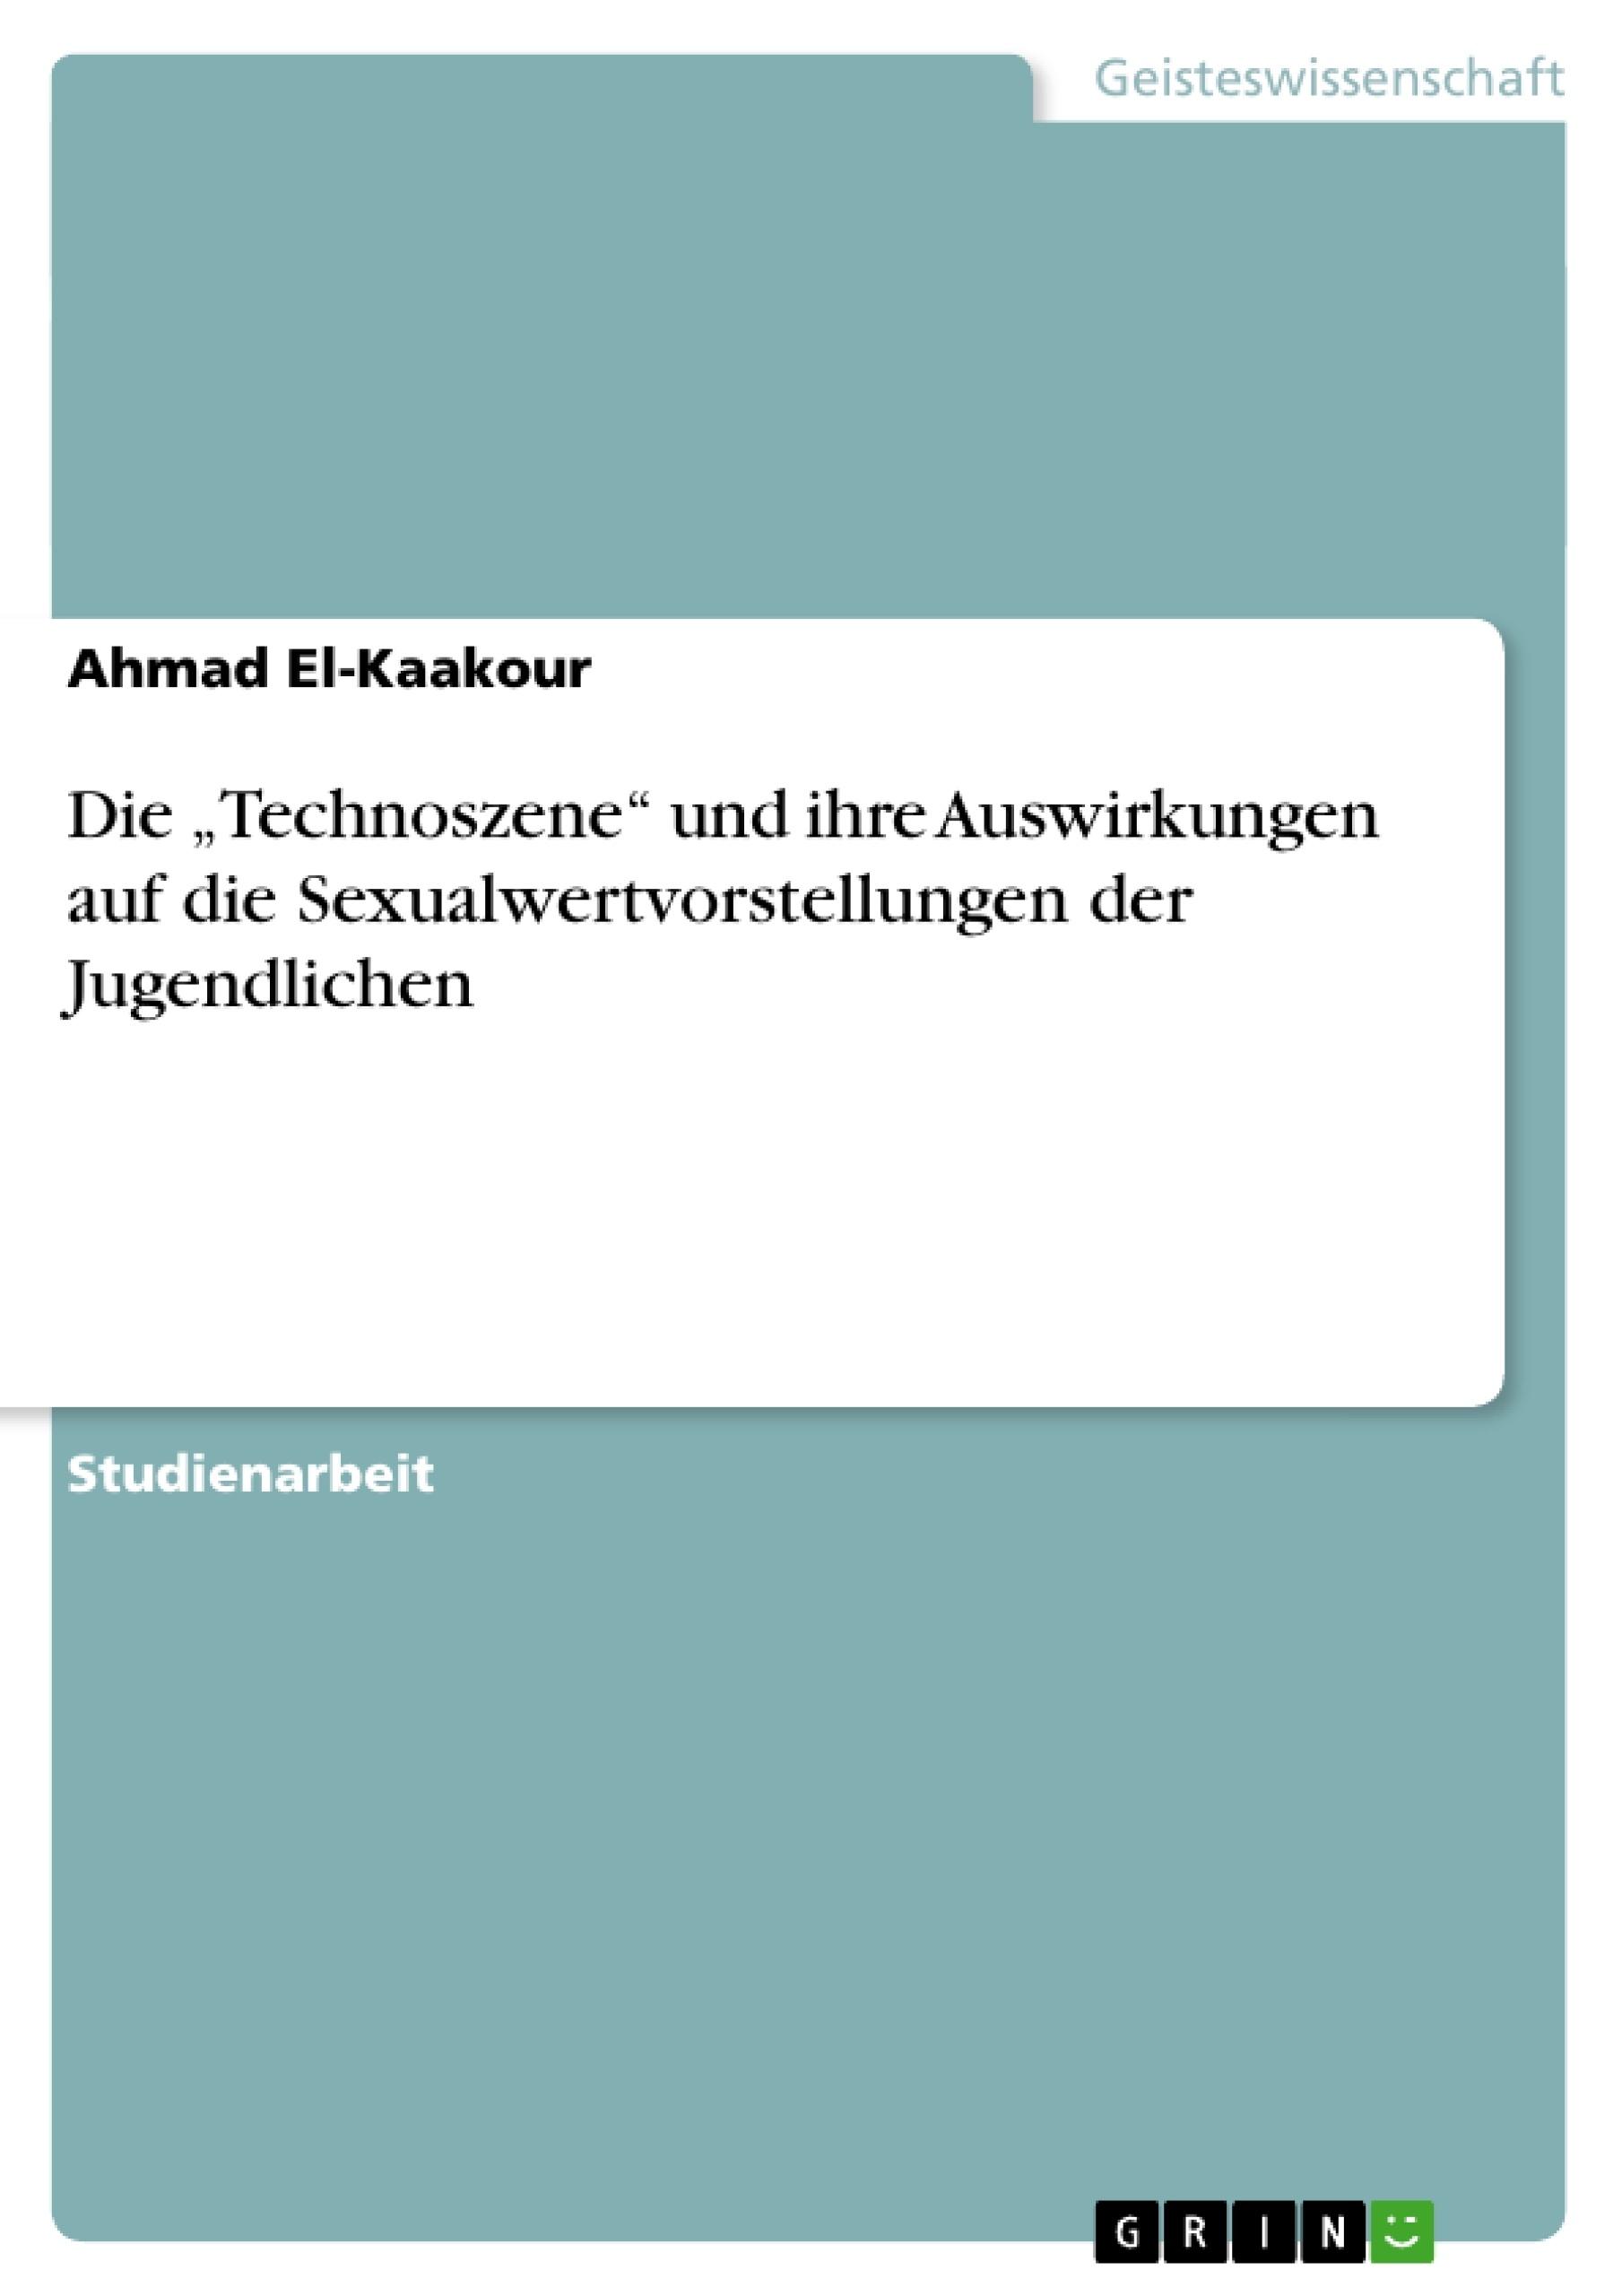 """Titel: Die """"Technoszene"""" und ihre Auswirkungen auf die Sexualwertvorstellungen der Jugendlichen"""